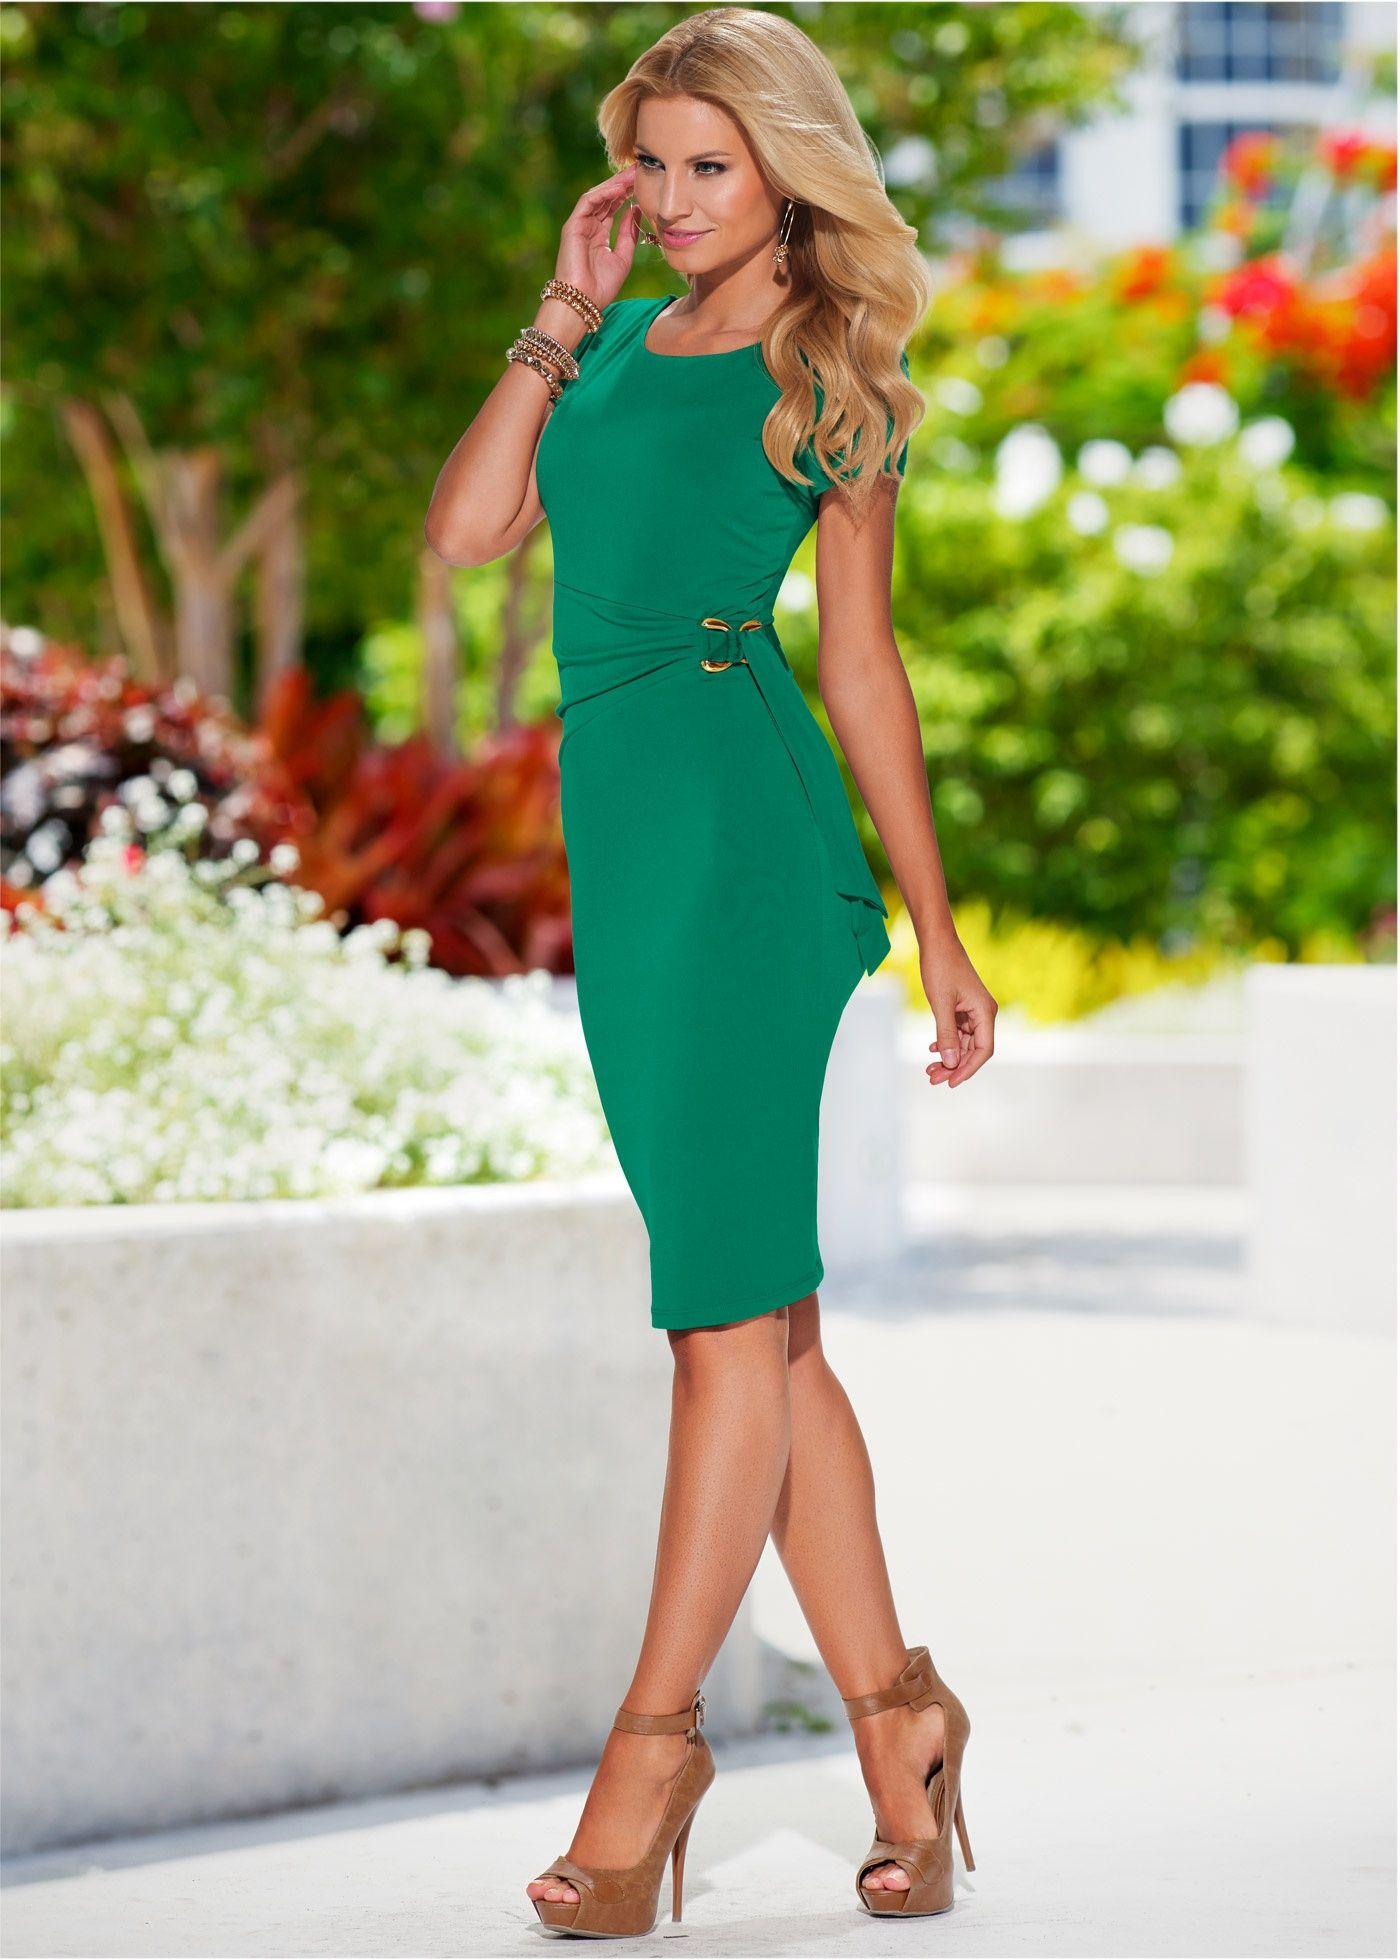 Kleid mit G rtel gr n - BODYFLIRT boutique jetzt online bei bonprix.at ab ?  34,99 bestellen. Elegant durch den Alltag! Knielanges Kleid aus weichem .